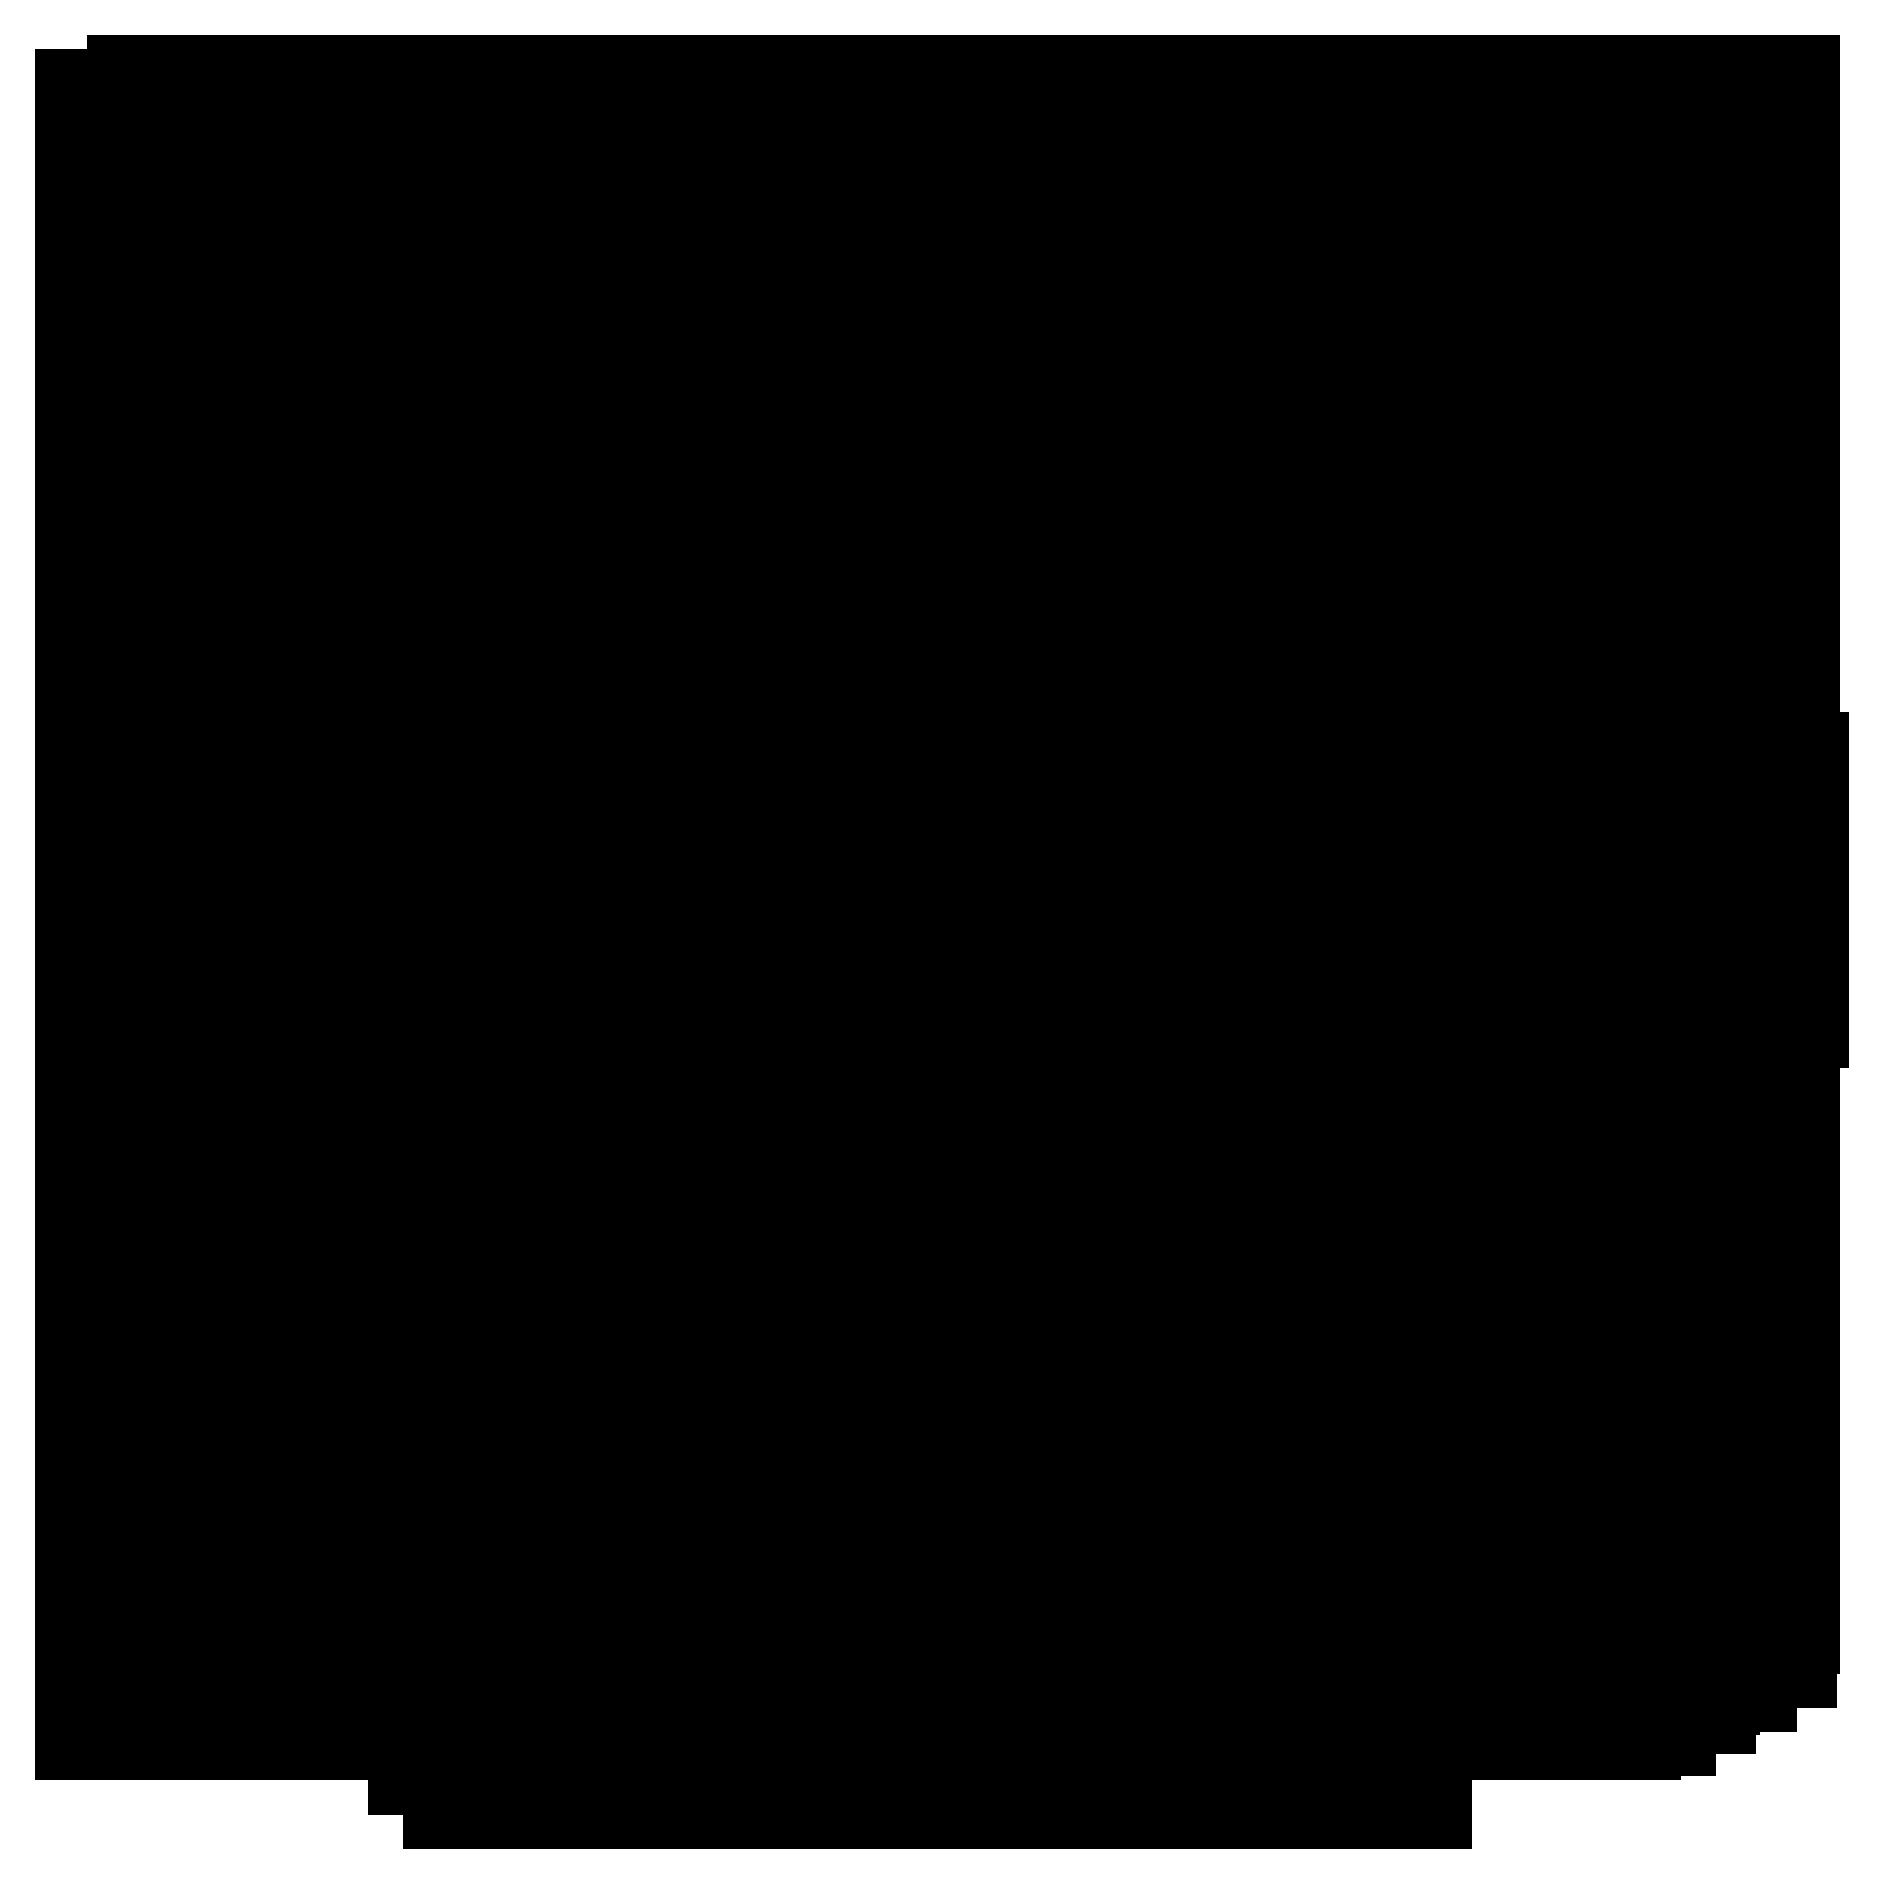 InkLetterLove_logo_black_transparentwords.png